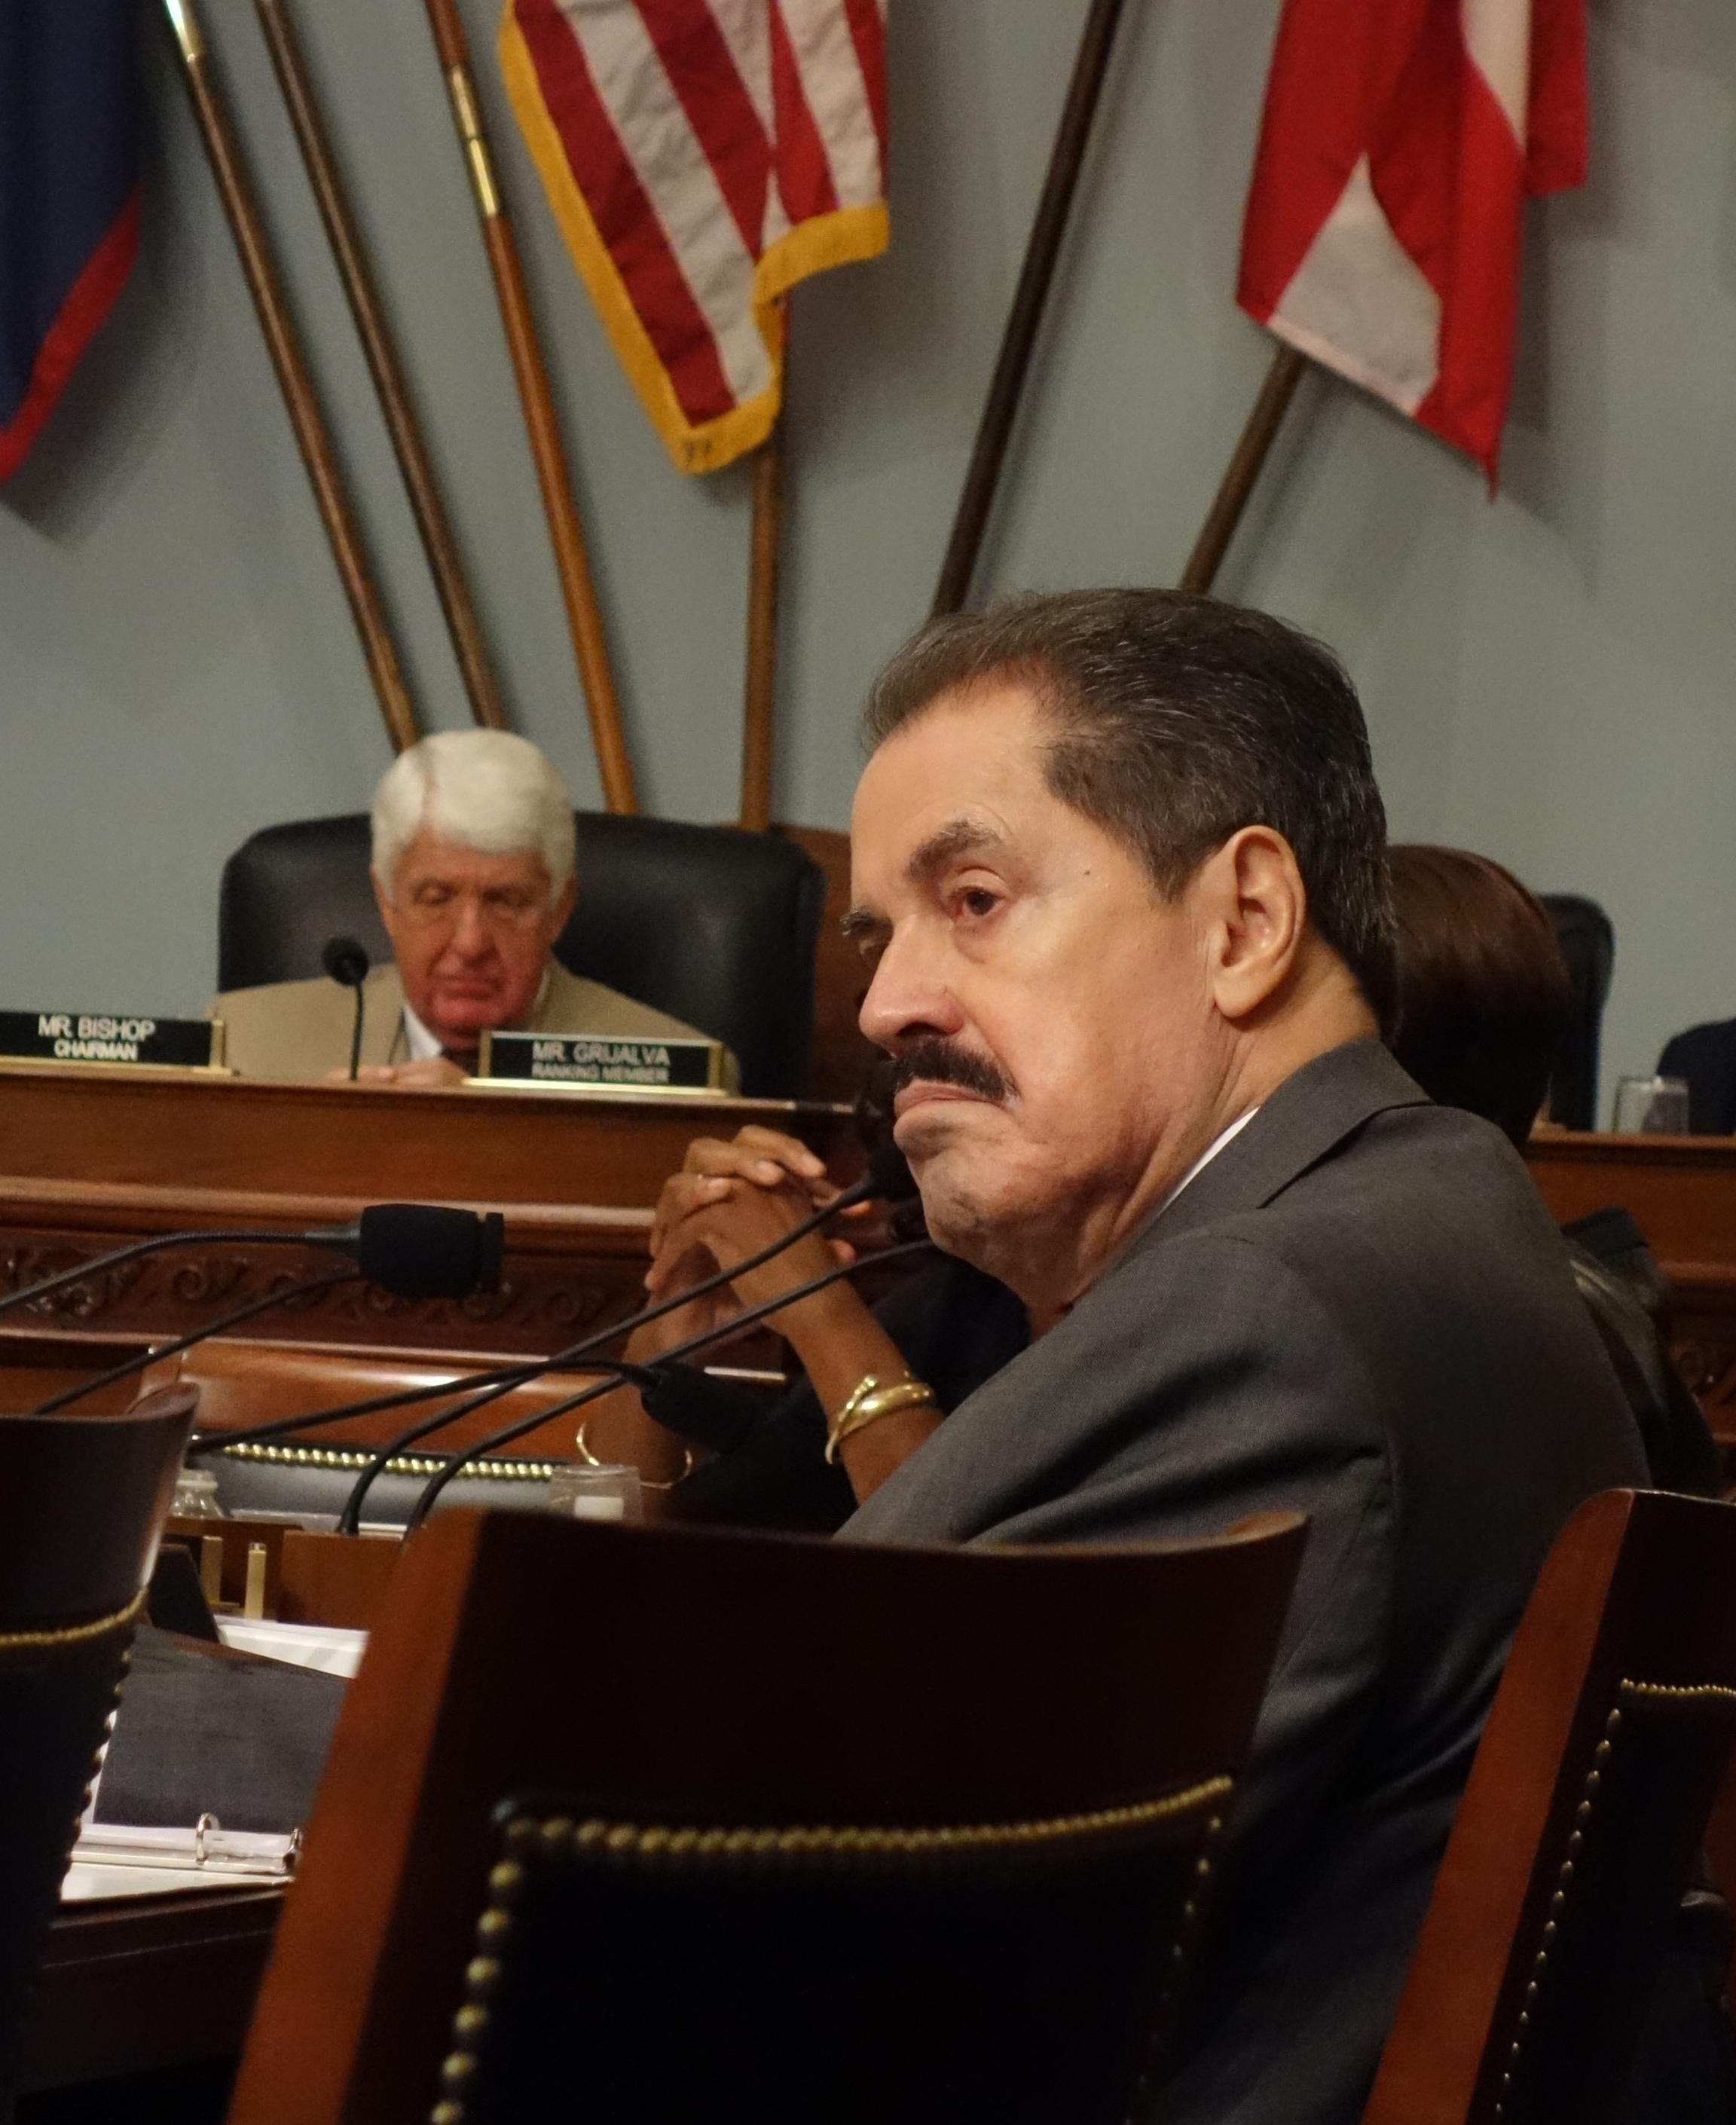 El congresista demócrata por Nueva York, José Serrano, de origen puertorriqueño, sigue con atención el desenlace de la audiencia pública.